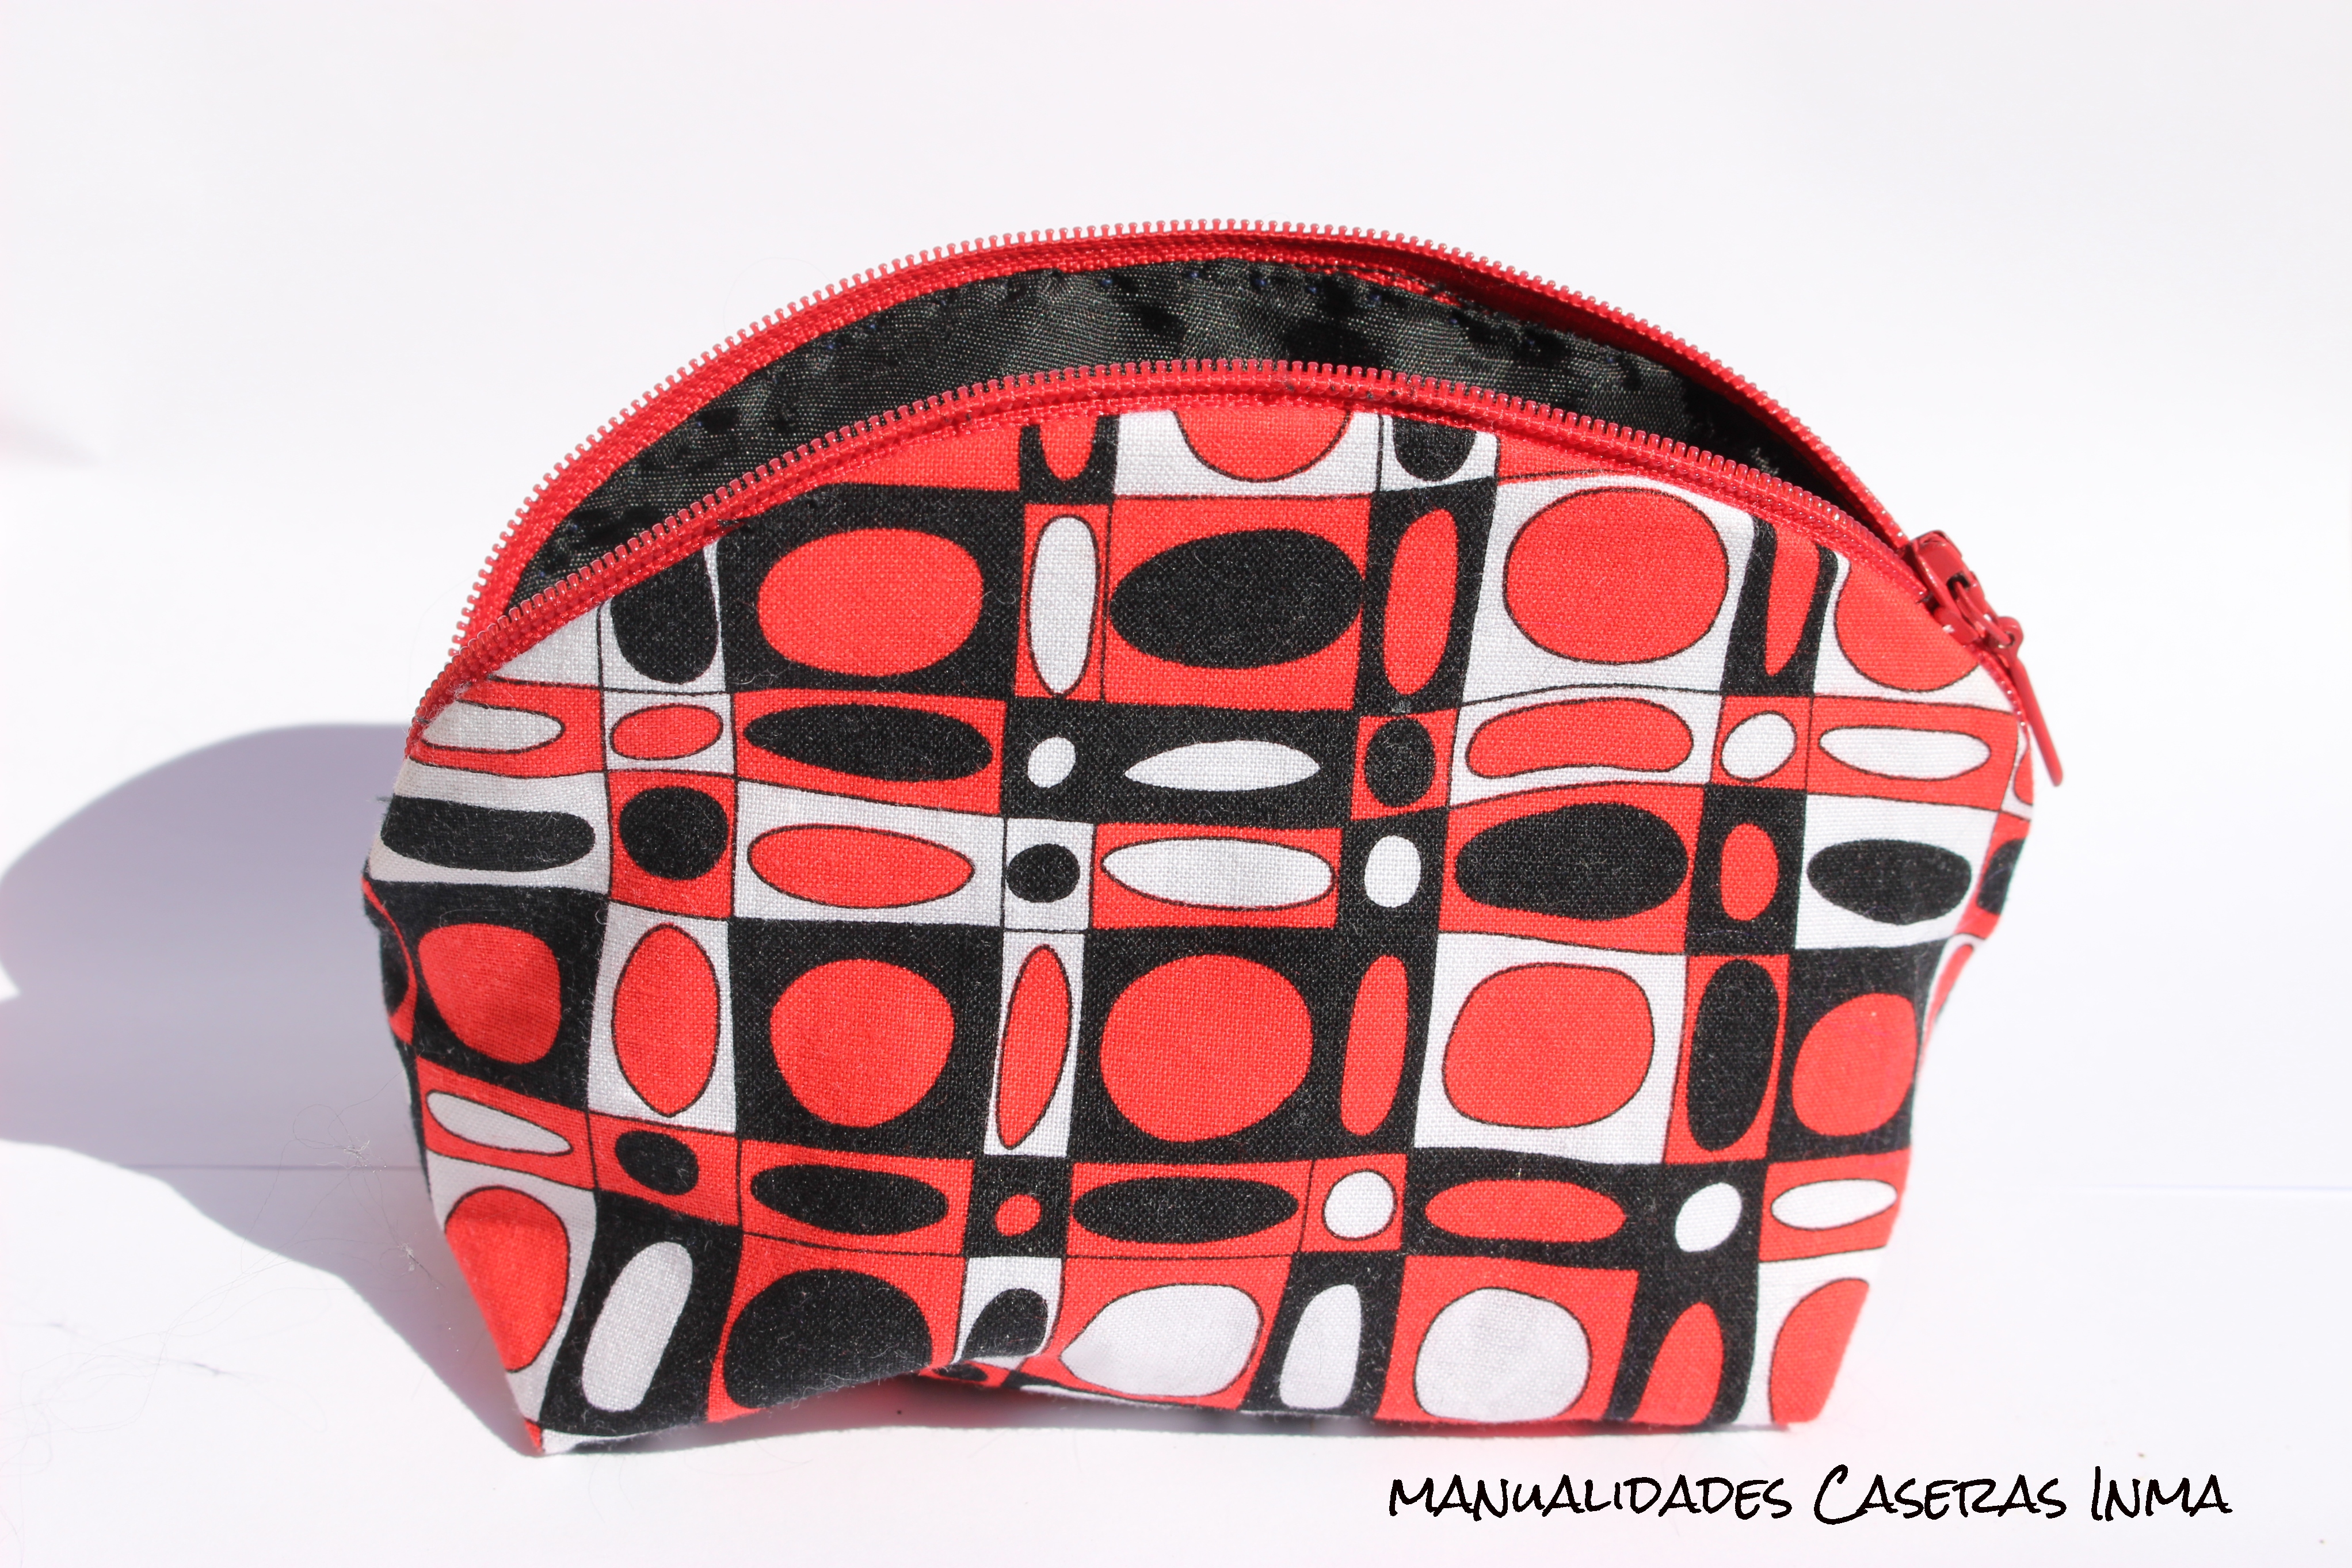 Manualidades Caseras Inma_ Neceser rojo , negro y blanco